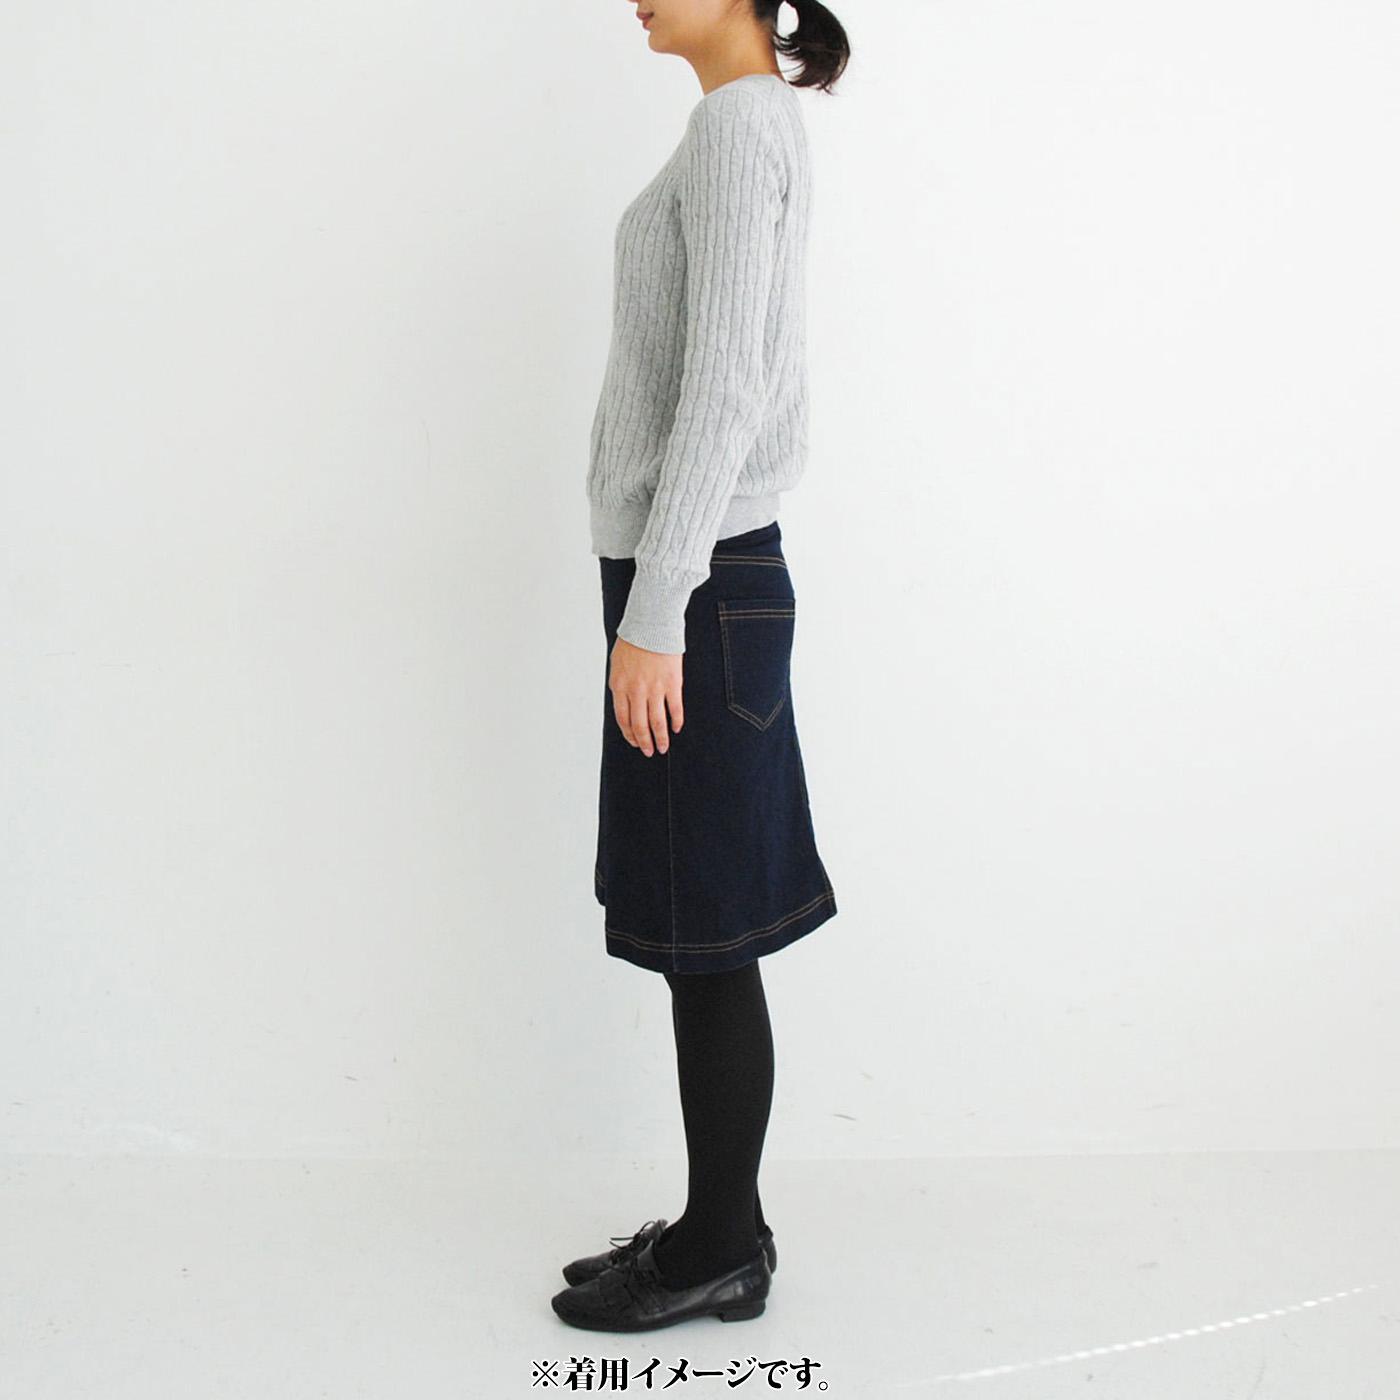 モデル身長約168cm 着用サイズM 広がりすぎないシルエットでサイドもすっきり。